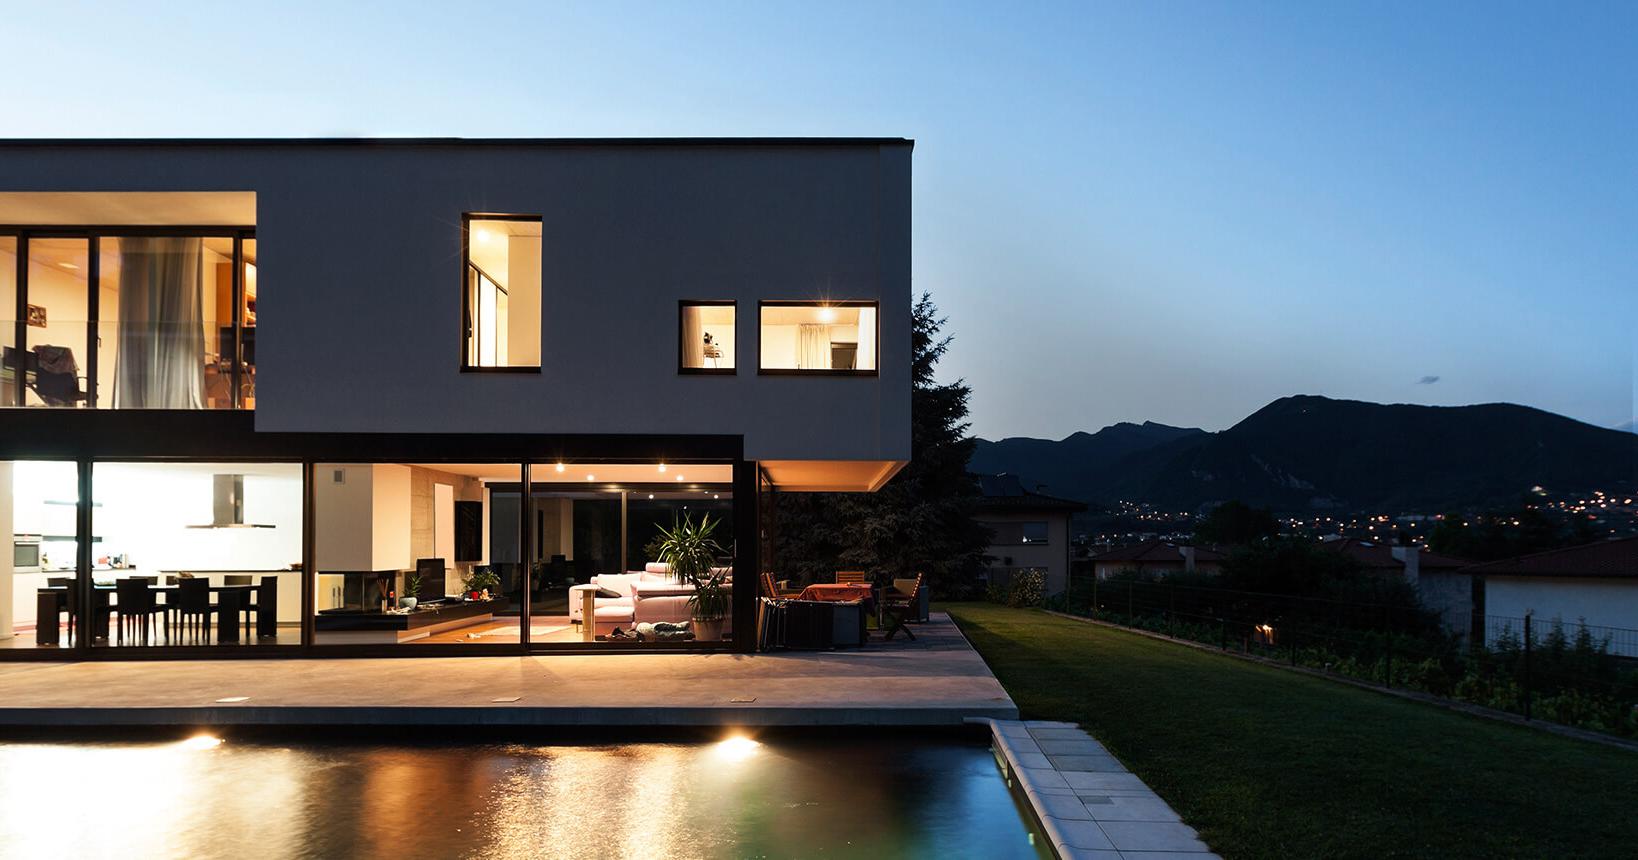 IFA: TP-Link expande gama de produtos Smart Home